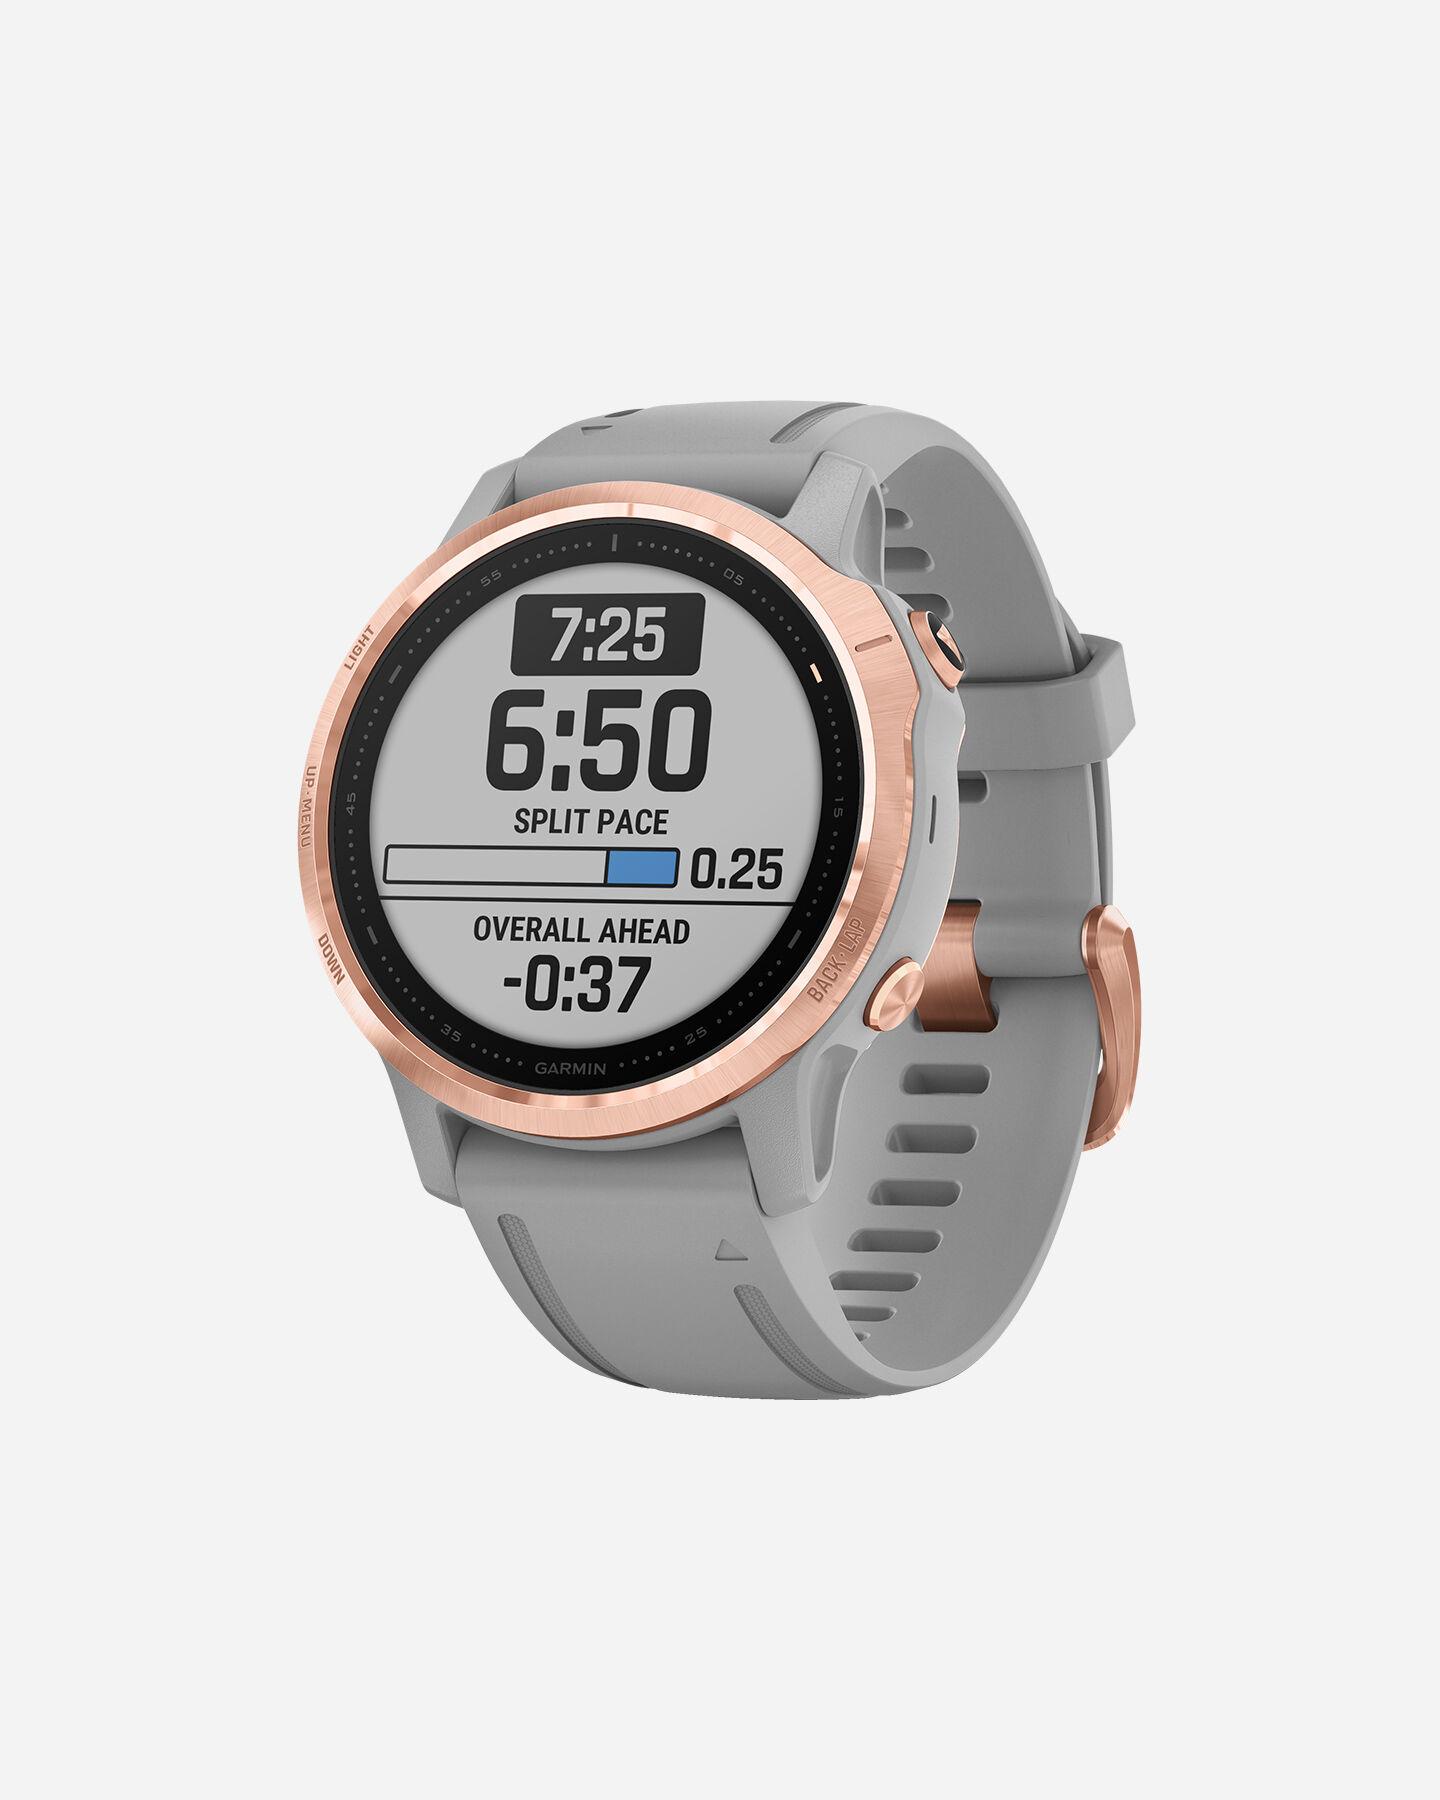 Orologio multifunzione GARMIN FENIX 6S SAPPHIRE S4076554 21 UNI scatto 1